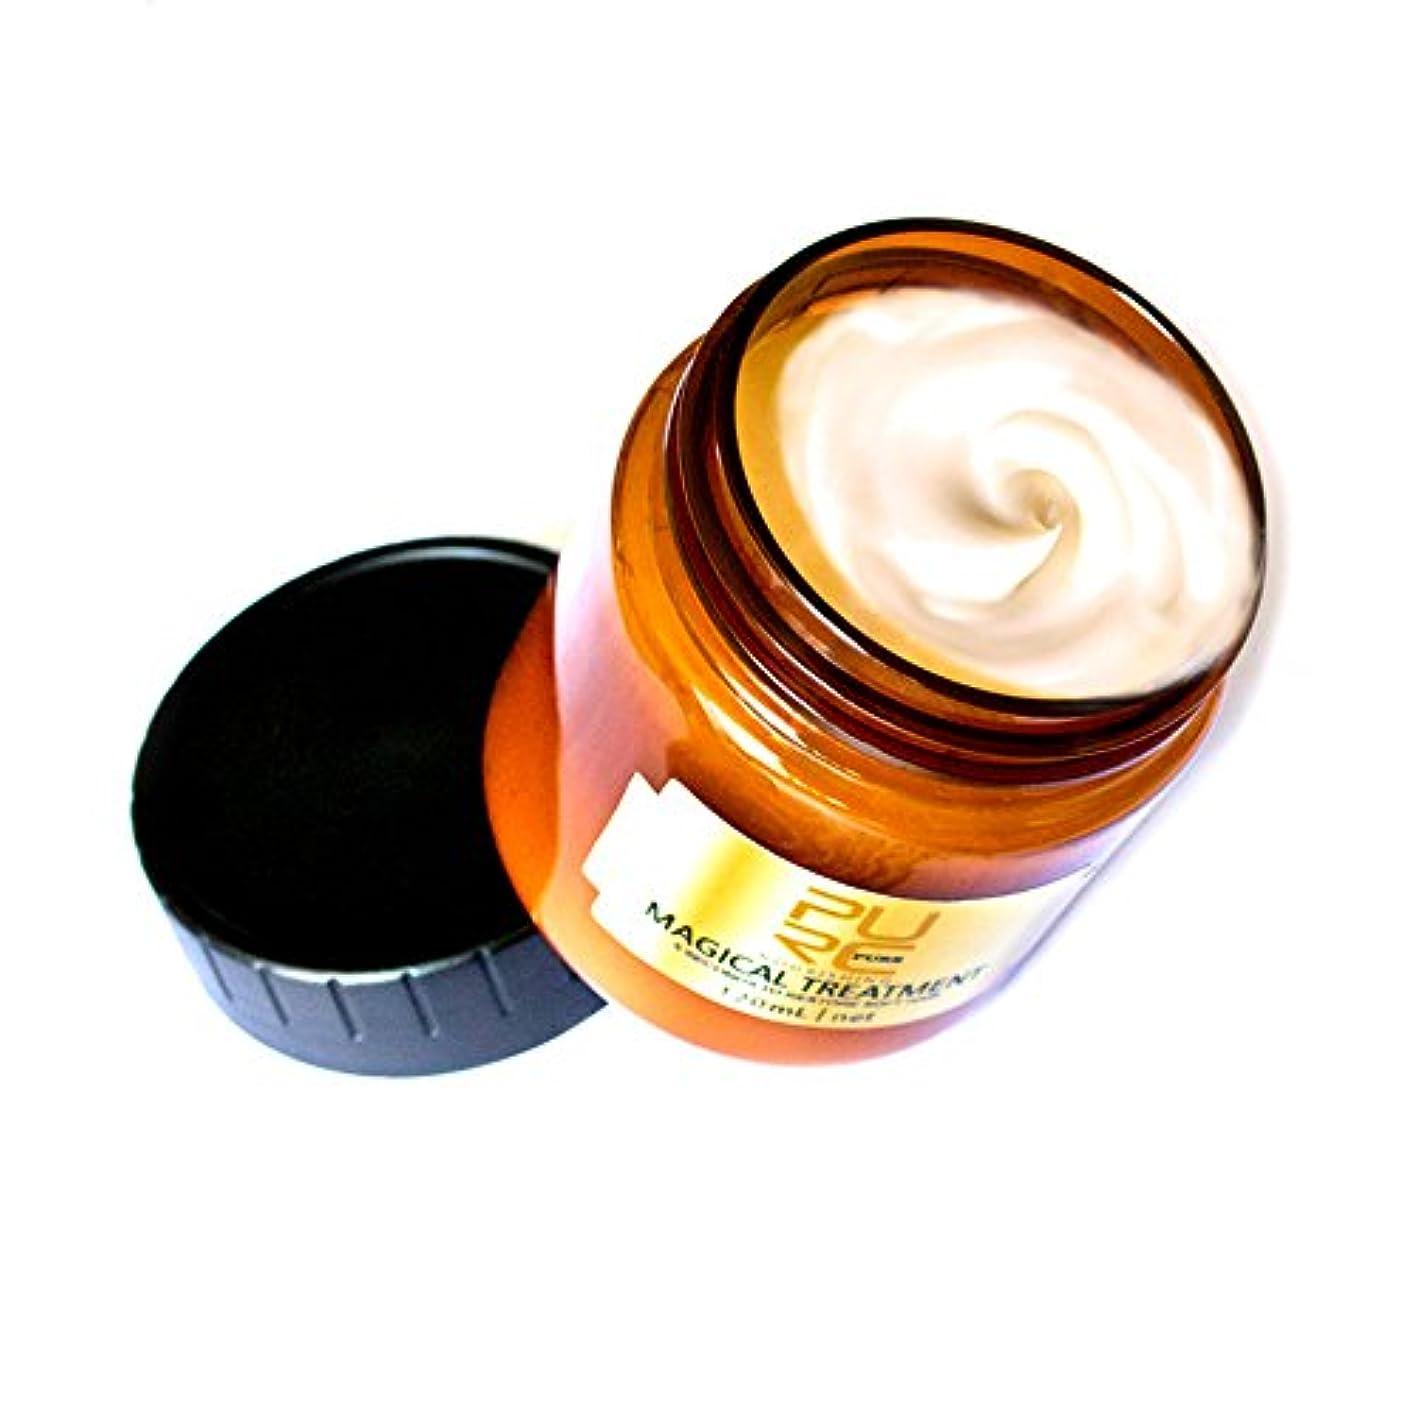 喜びモニカ他の日魔法のヘアマスク 先端技術 ケラチン成分 柔軟栄養マスク 潤いツヤツヤヘア復元 クセダメージにおさまり集中ケア 毛先までケア カラーストレートパーマにオススメ 乾燥髪が硬い太い広がる人ぴったり パサつきがなくなり (60ml)